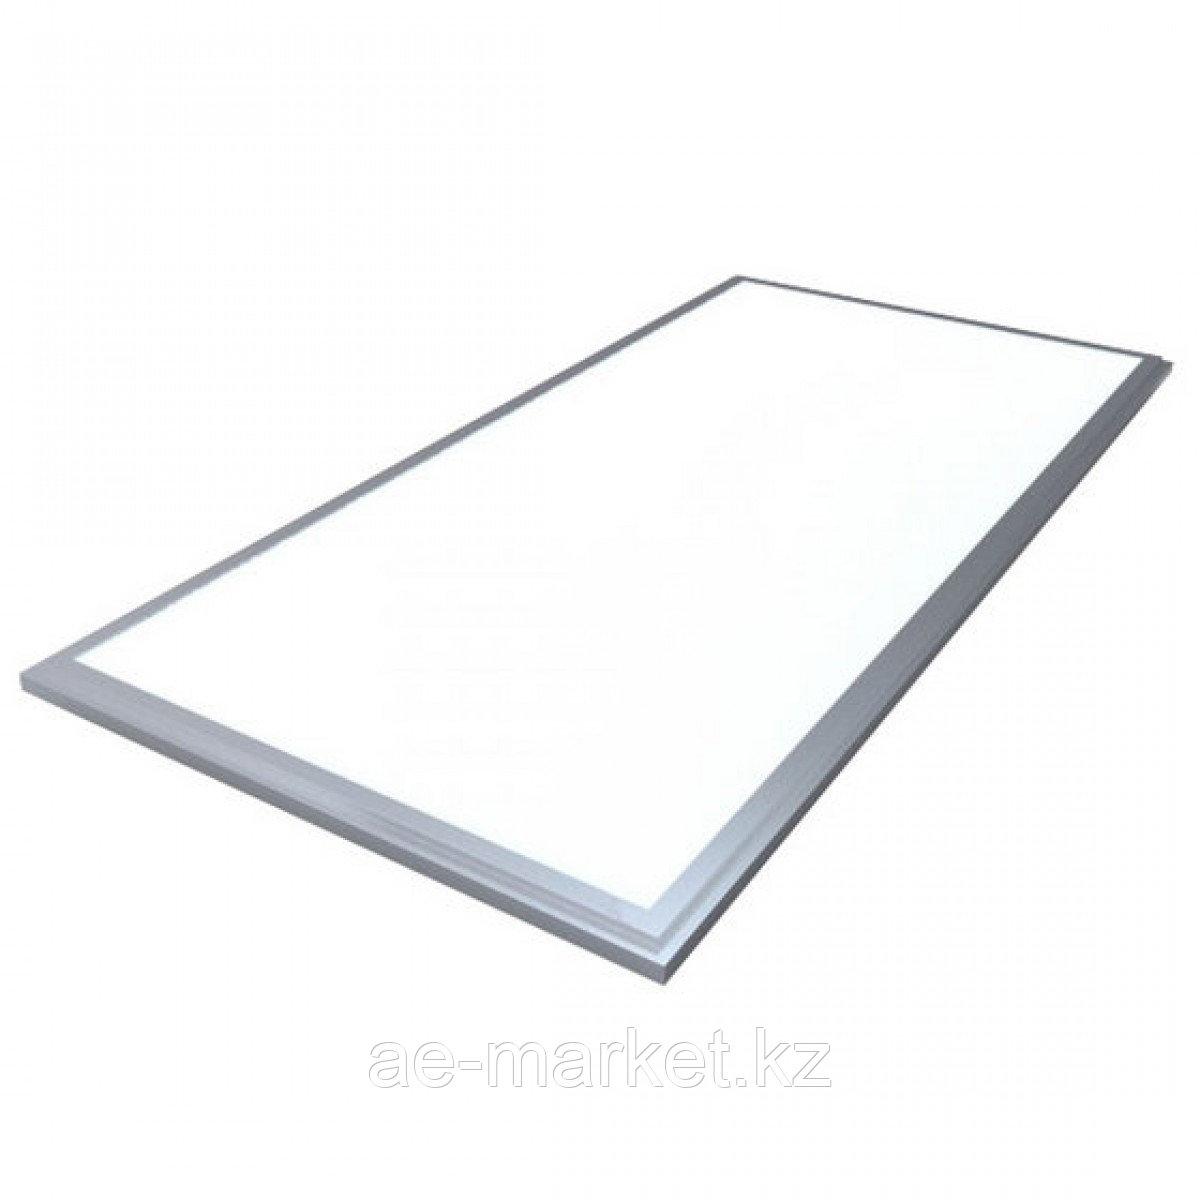 Светодиодная панель 464 LPS 305920 (295*595*12 mm 20W/1450Lm 6500K IP20)